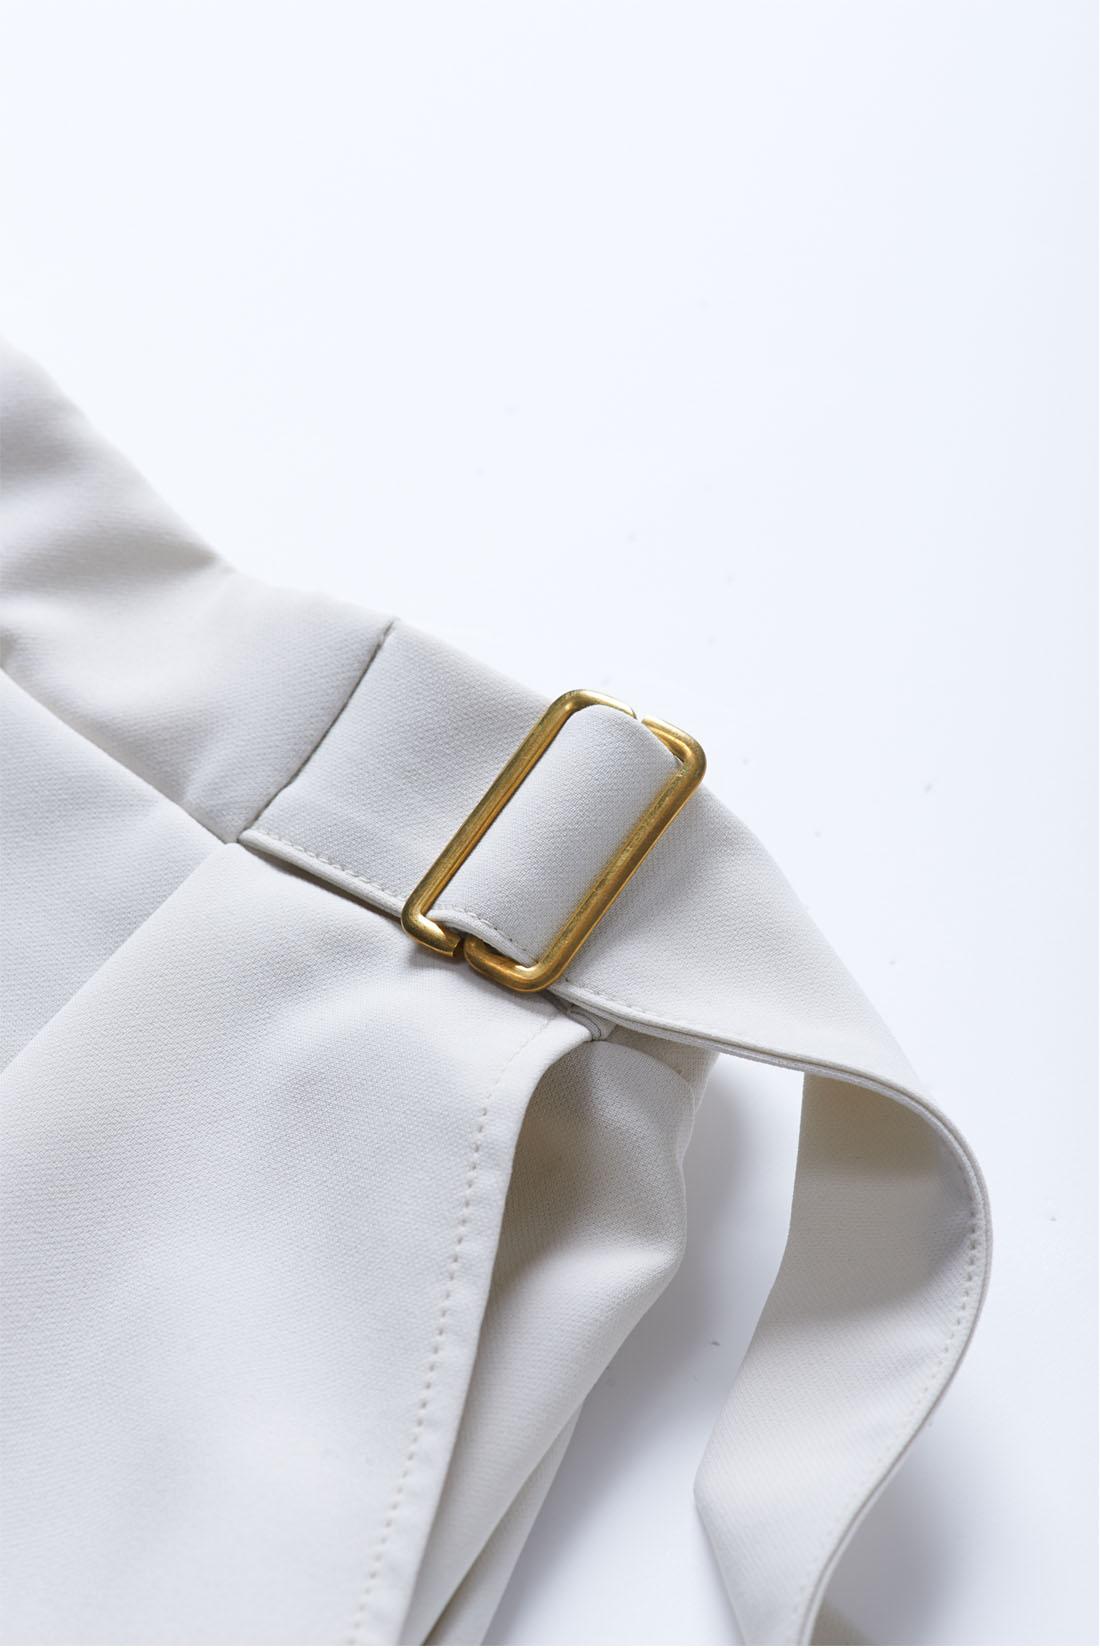 飾りのベルベットデザインはゴールドのバックル遣いがアクセントに。